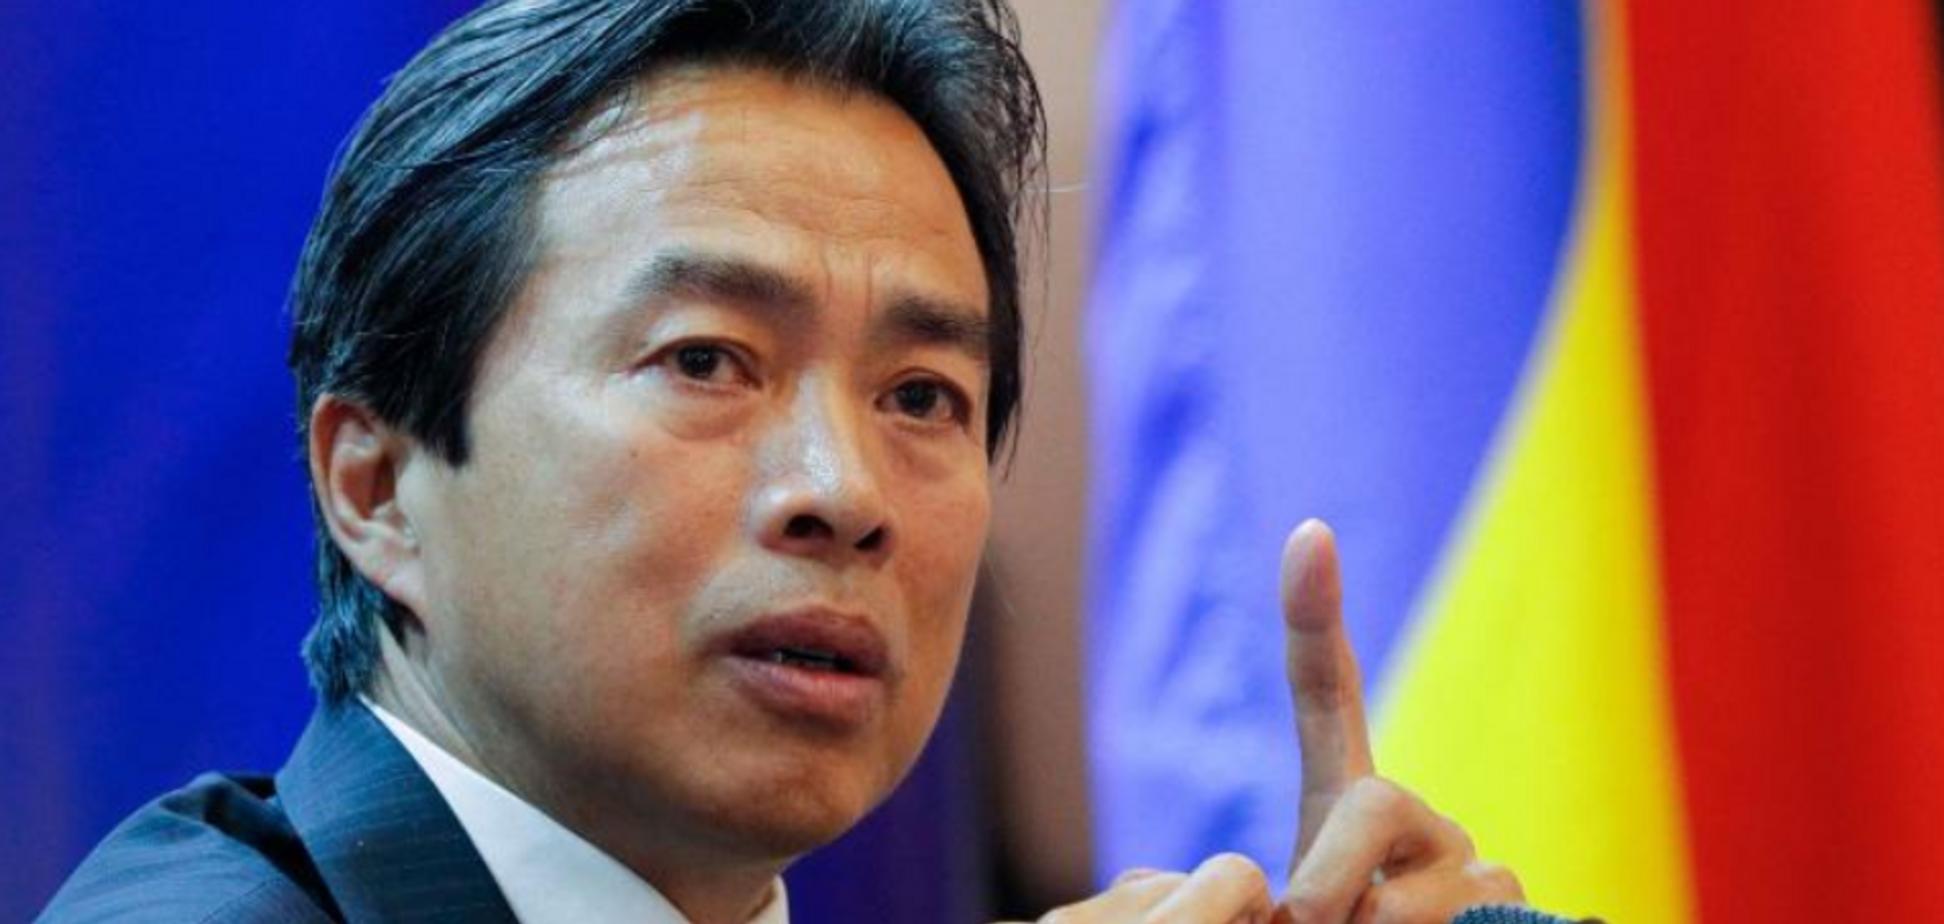 Колишній посол Китаю в Україні знайдений мертвим в Ізраїлі: сплив загадковий момент